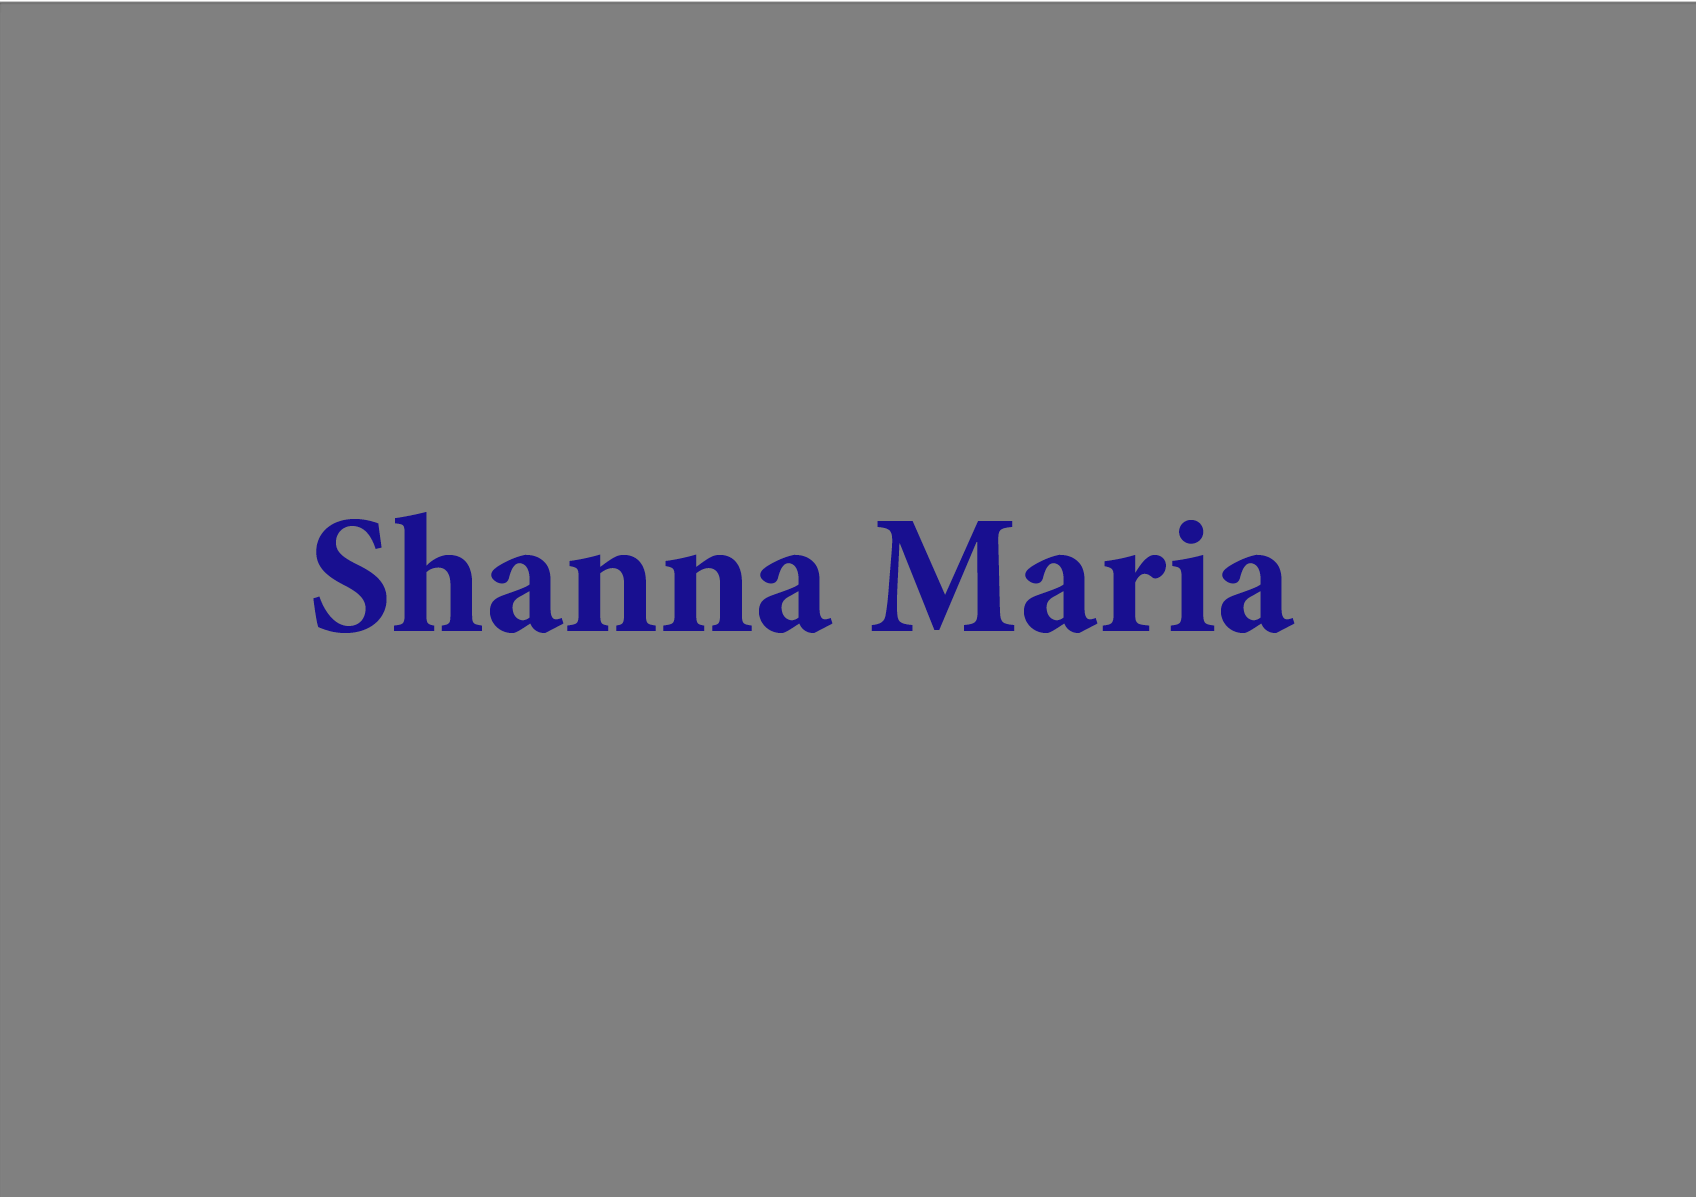 Shanna Maria.png